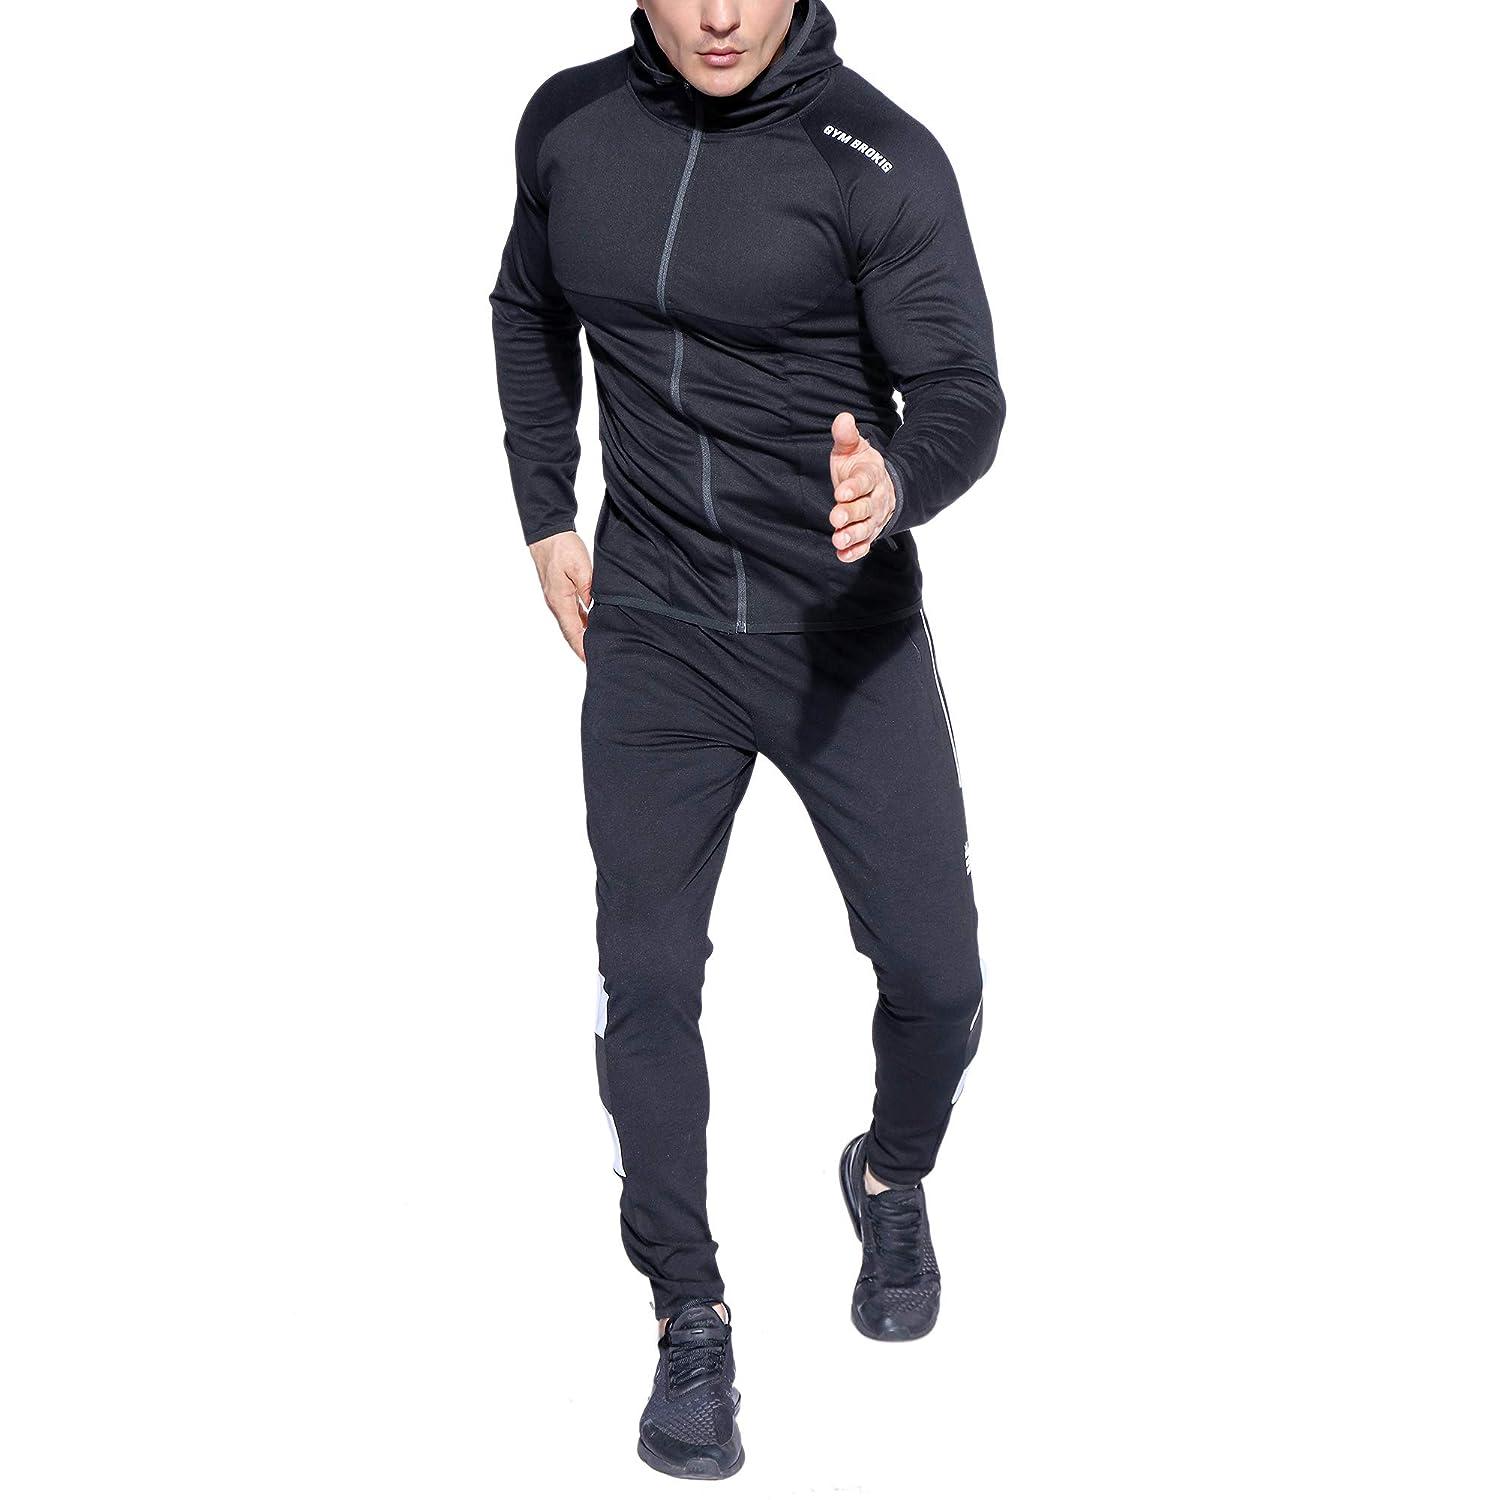 BROKIG Mens Full-Zip Athletic Hoodies,Workout Training Sport Muscle Sweatshirt